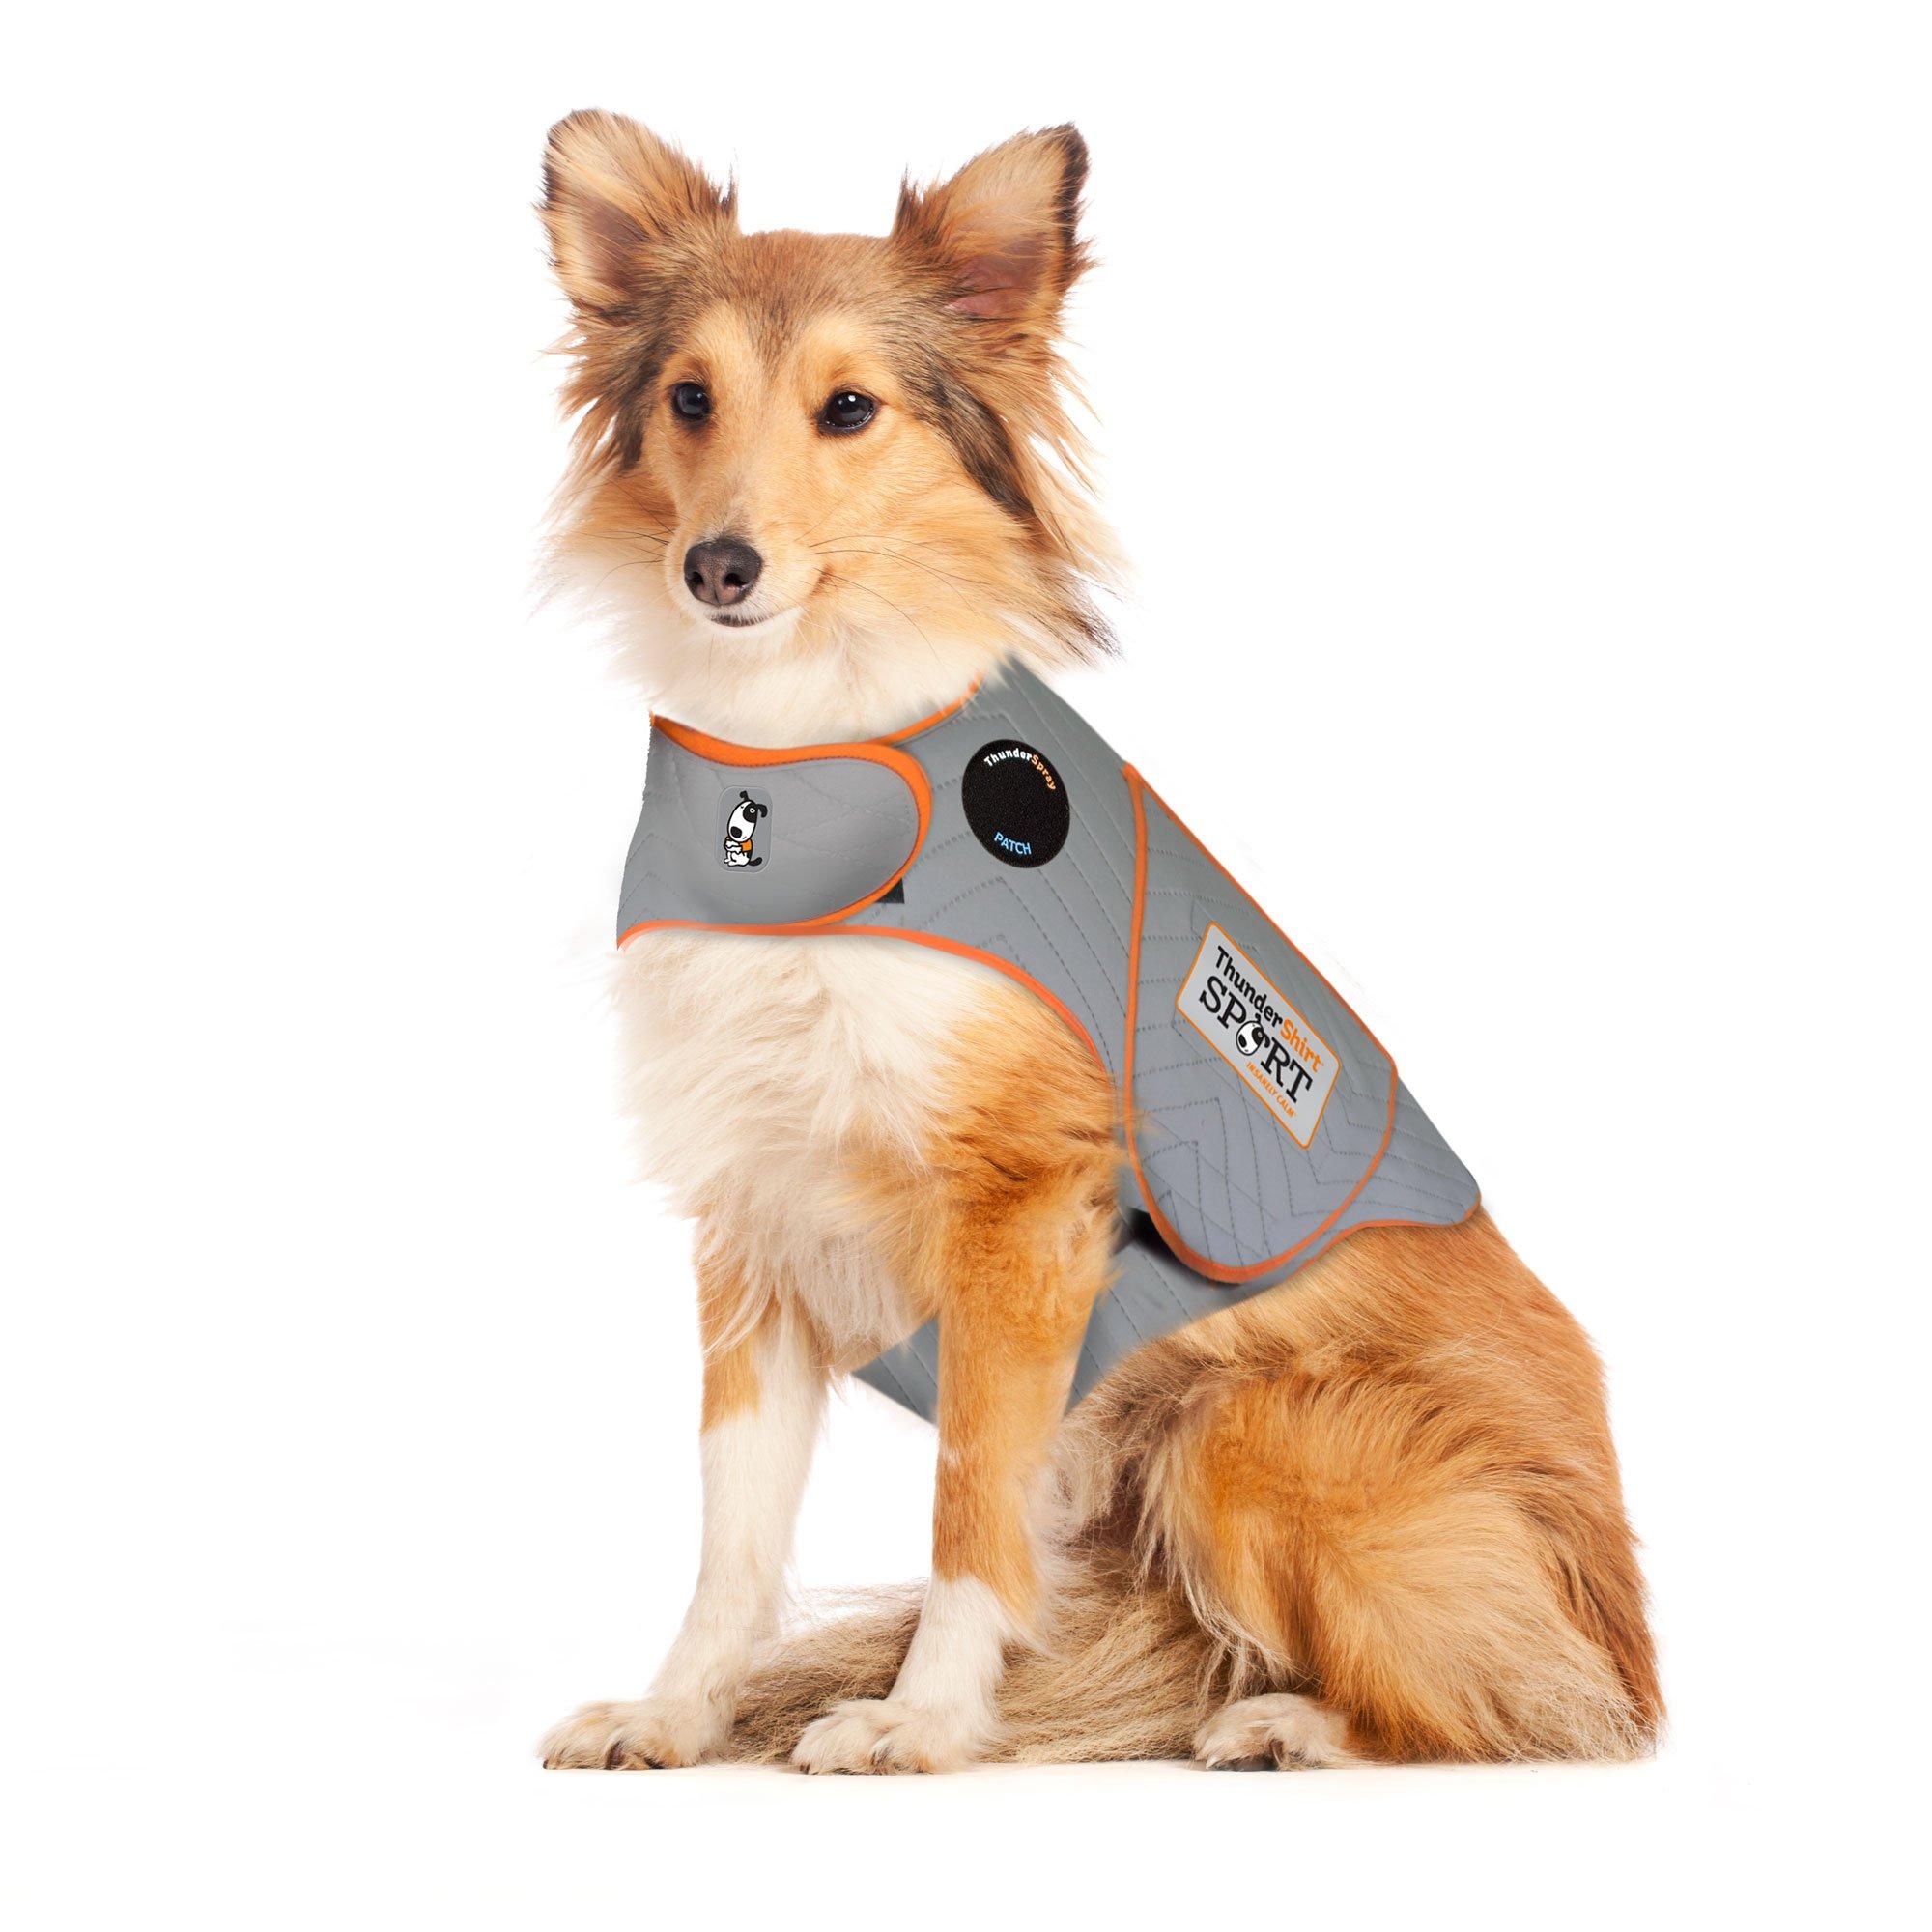 Thundershirt Sport Dog Anxiety Jacket, Platinum, Large by Thundershirt